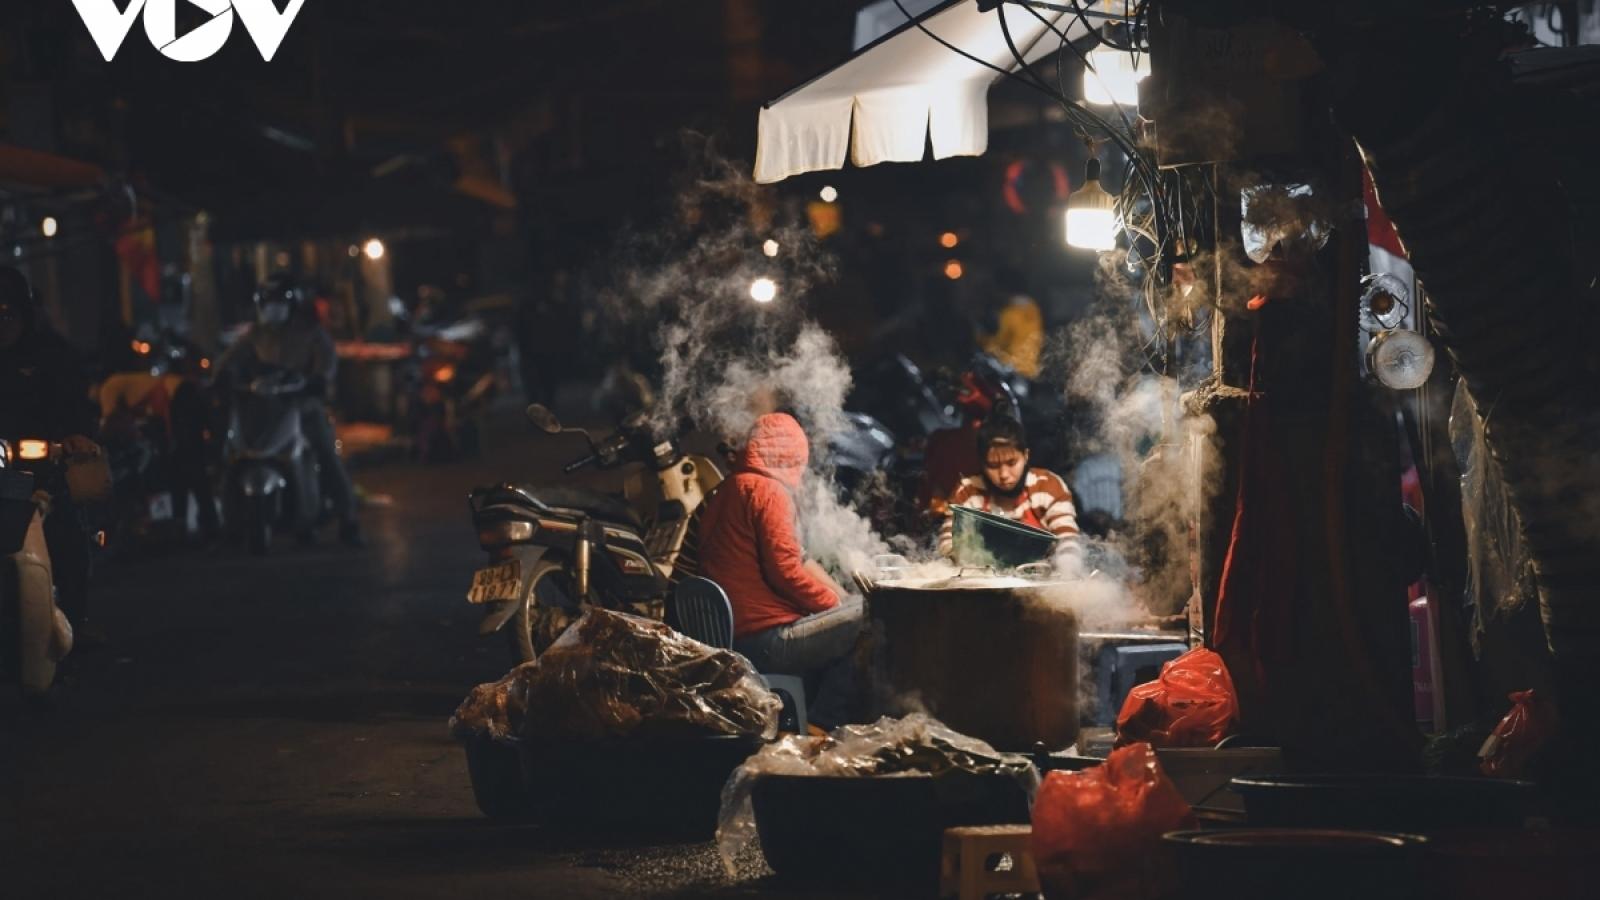 Dự báo thời tiết ngày 5/2: Hà Nội sáng mưa phùn, trời rét